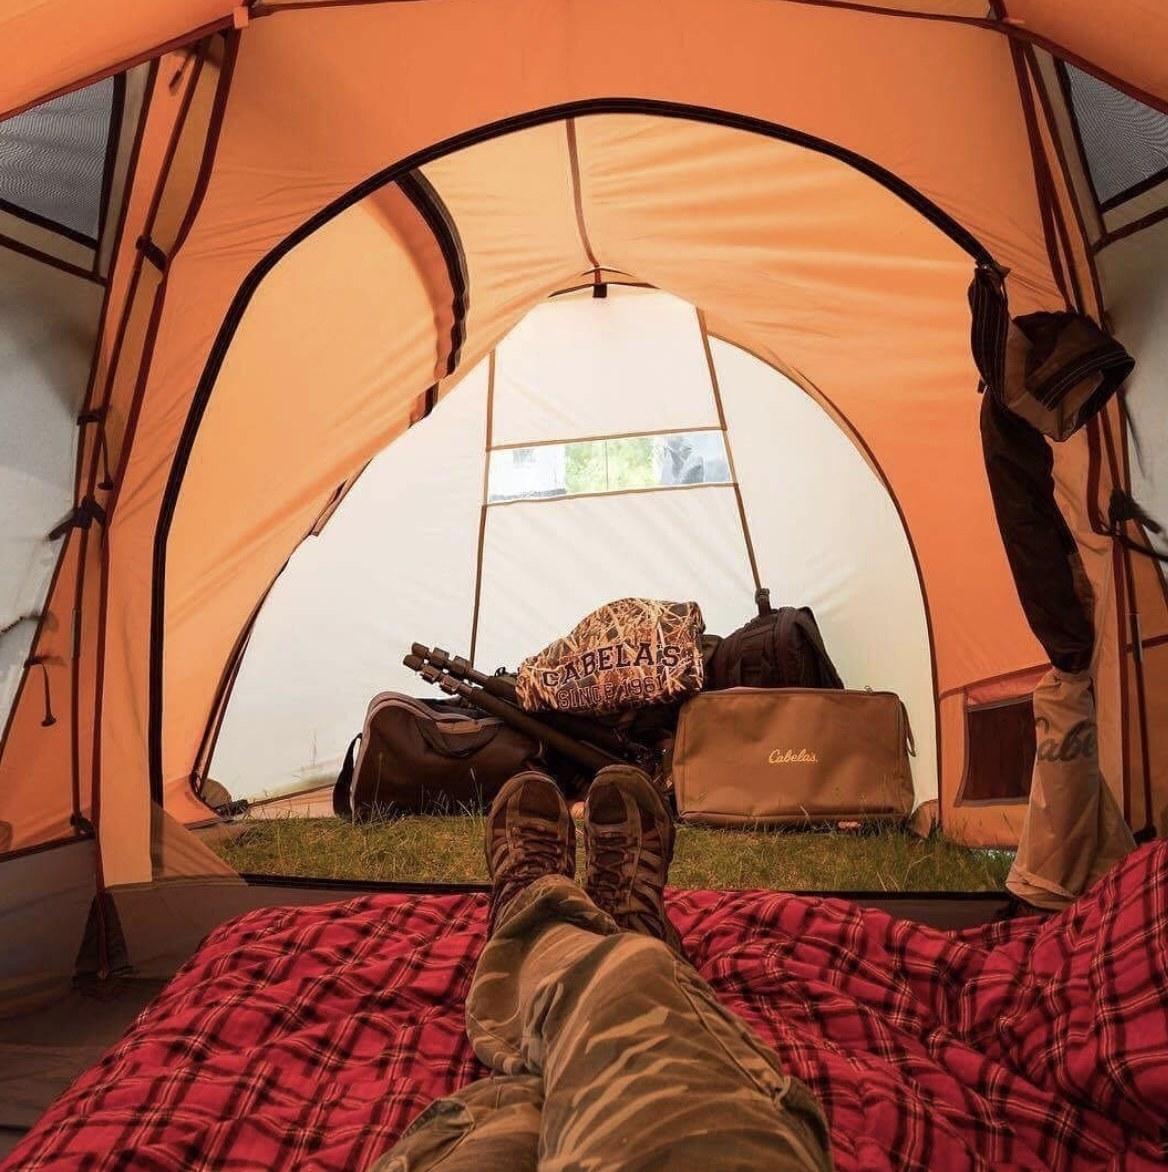 铺设在帐篷里的婴儿床的人